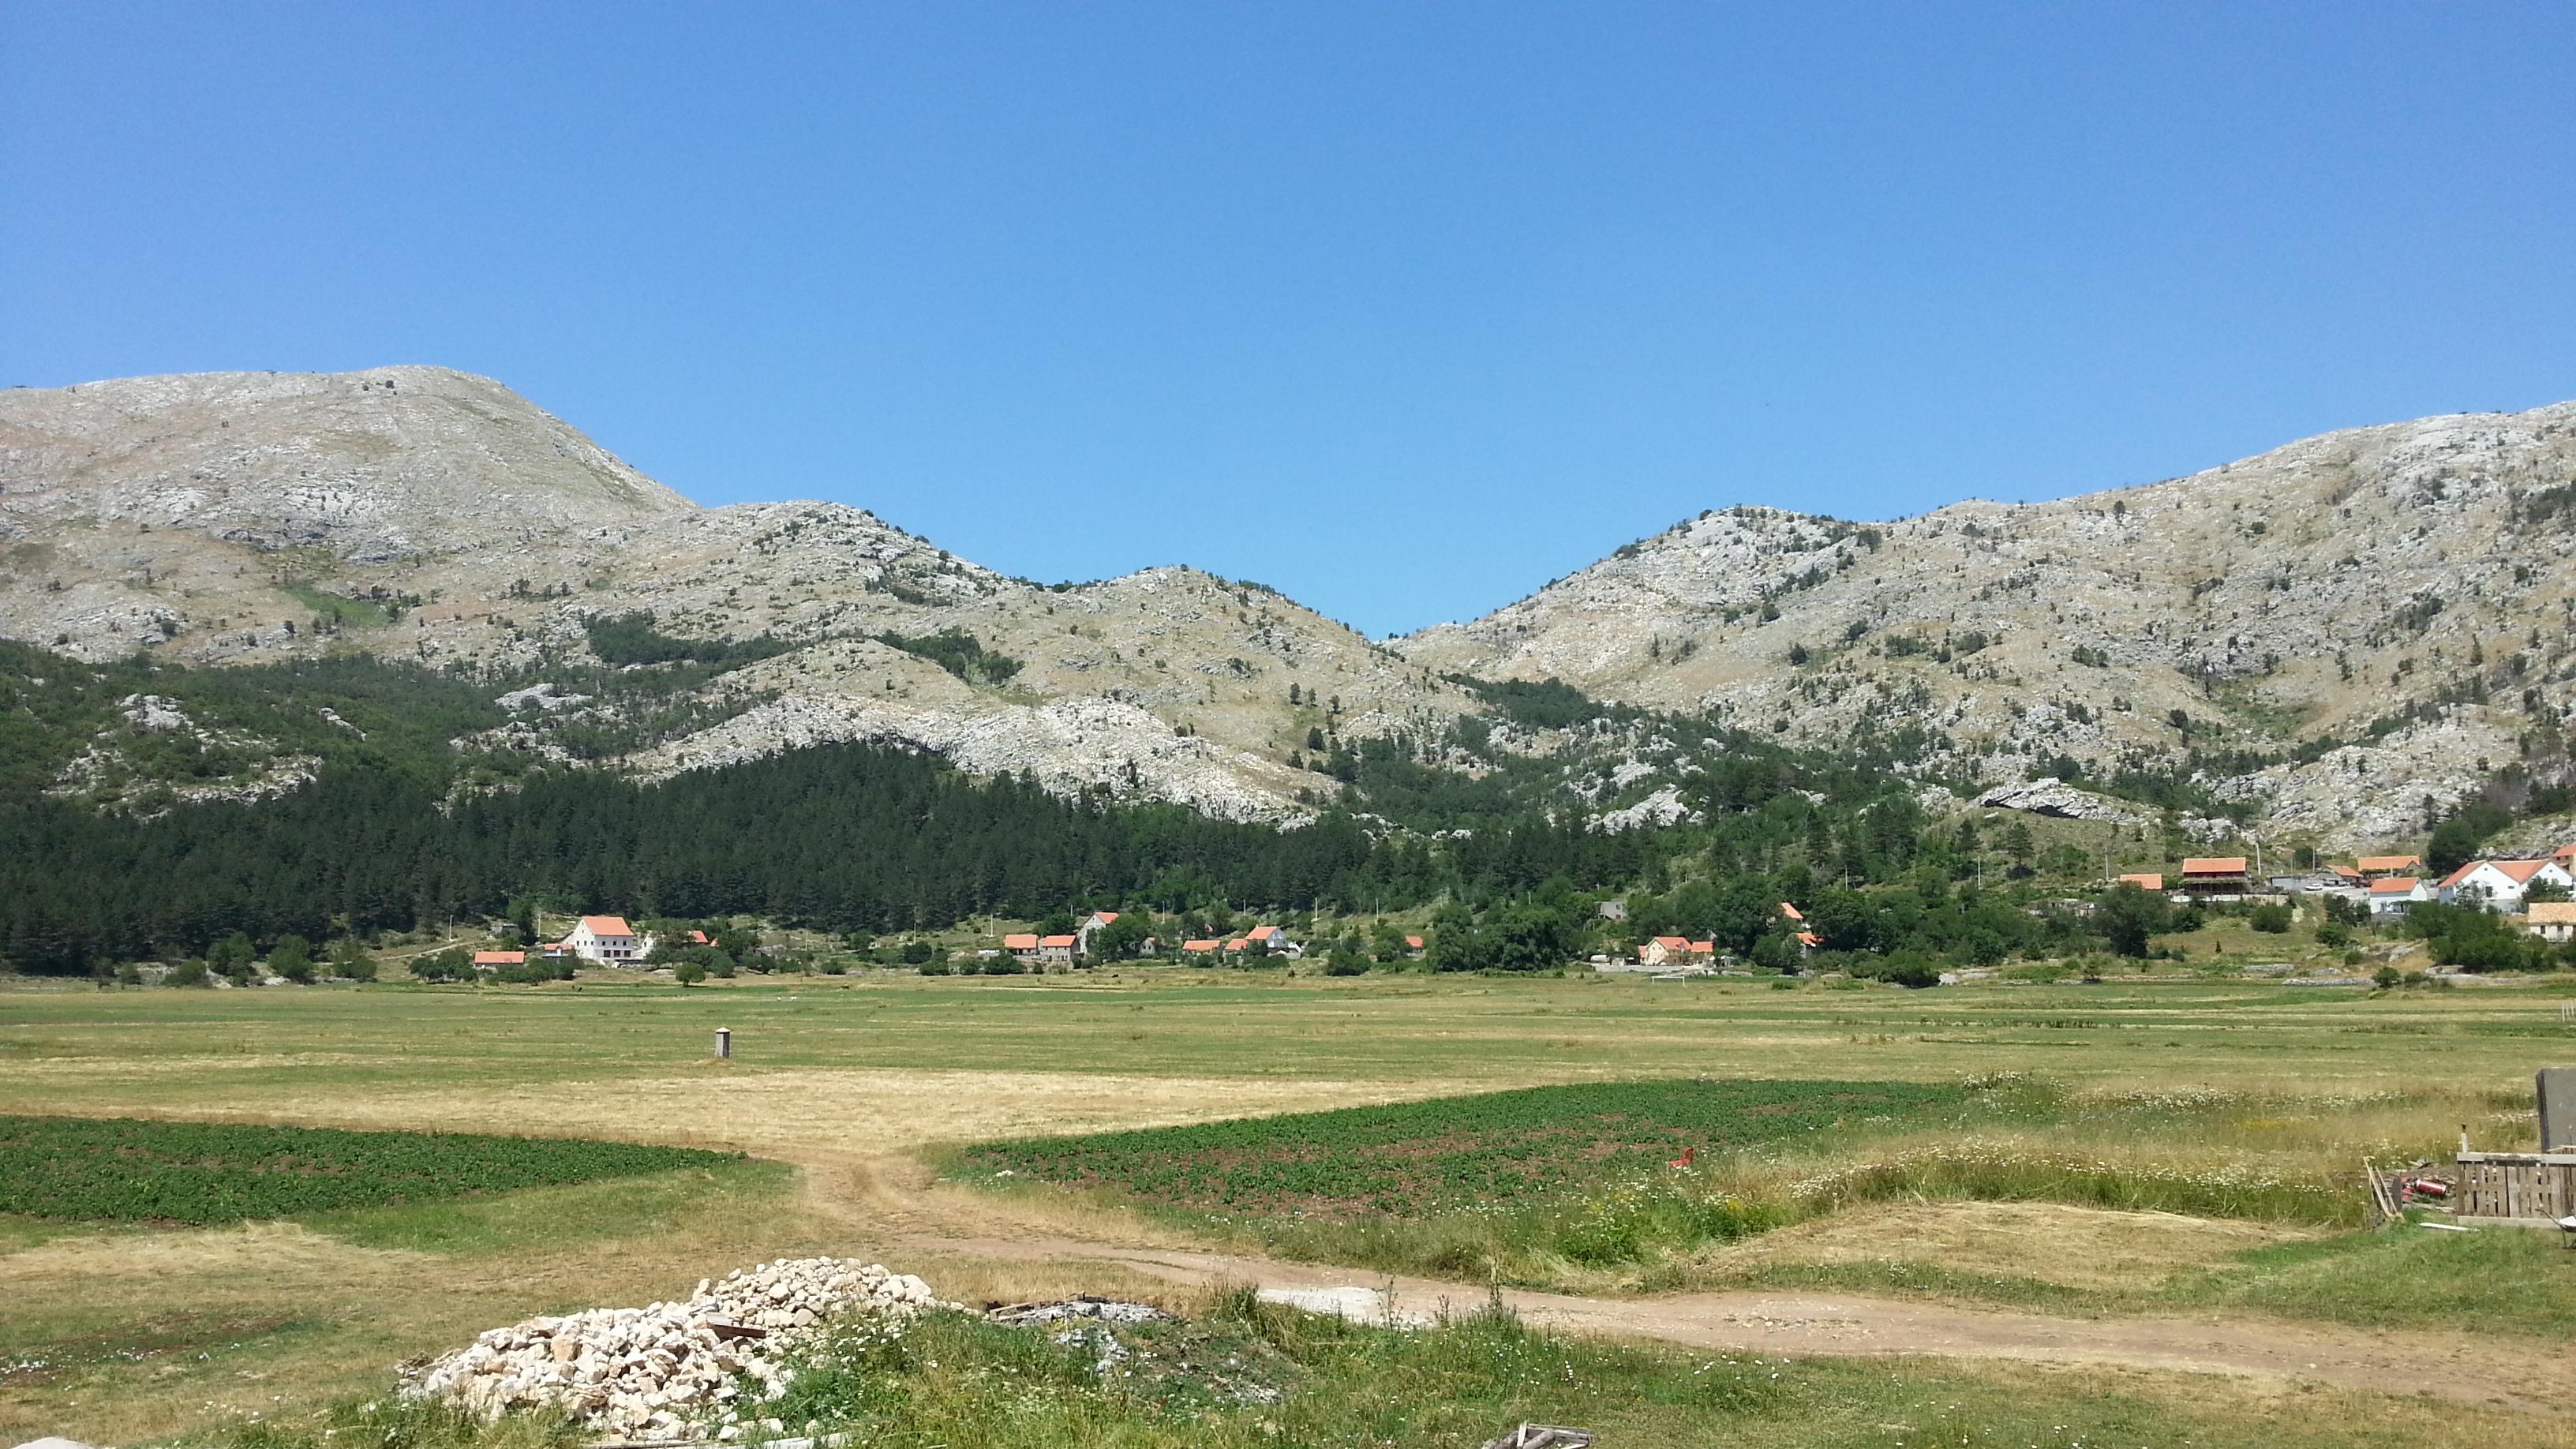 Обычный сельский пейзаж Черногории.